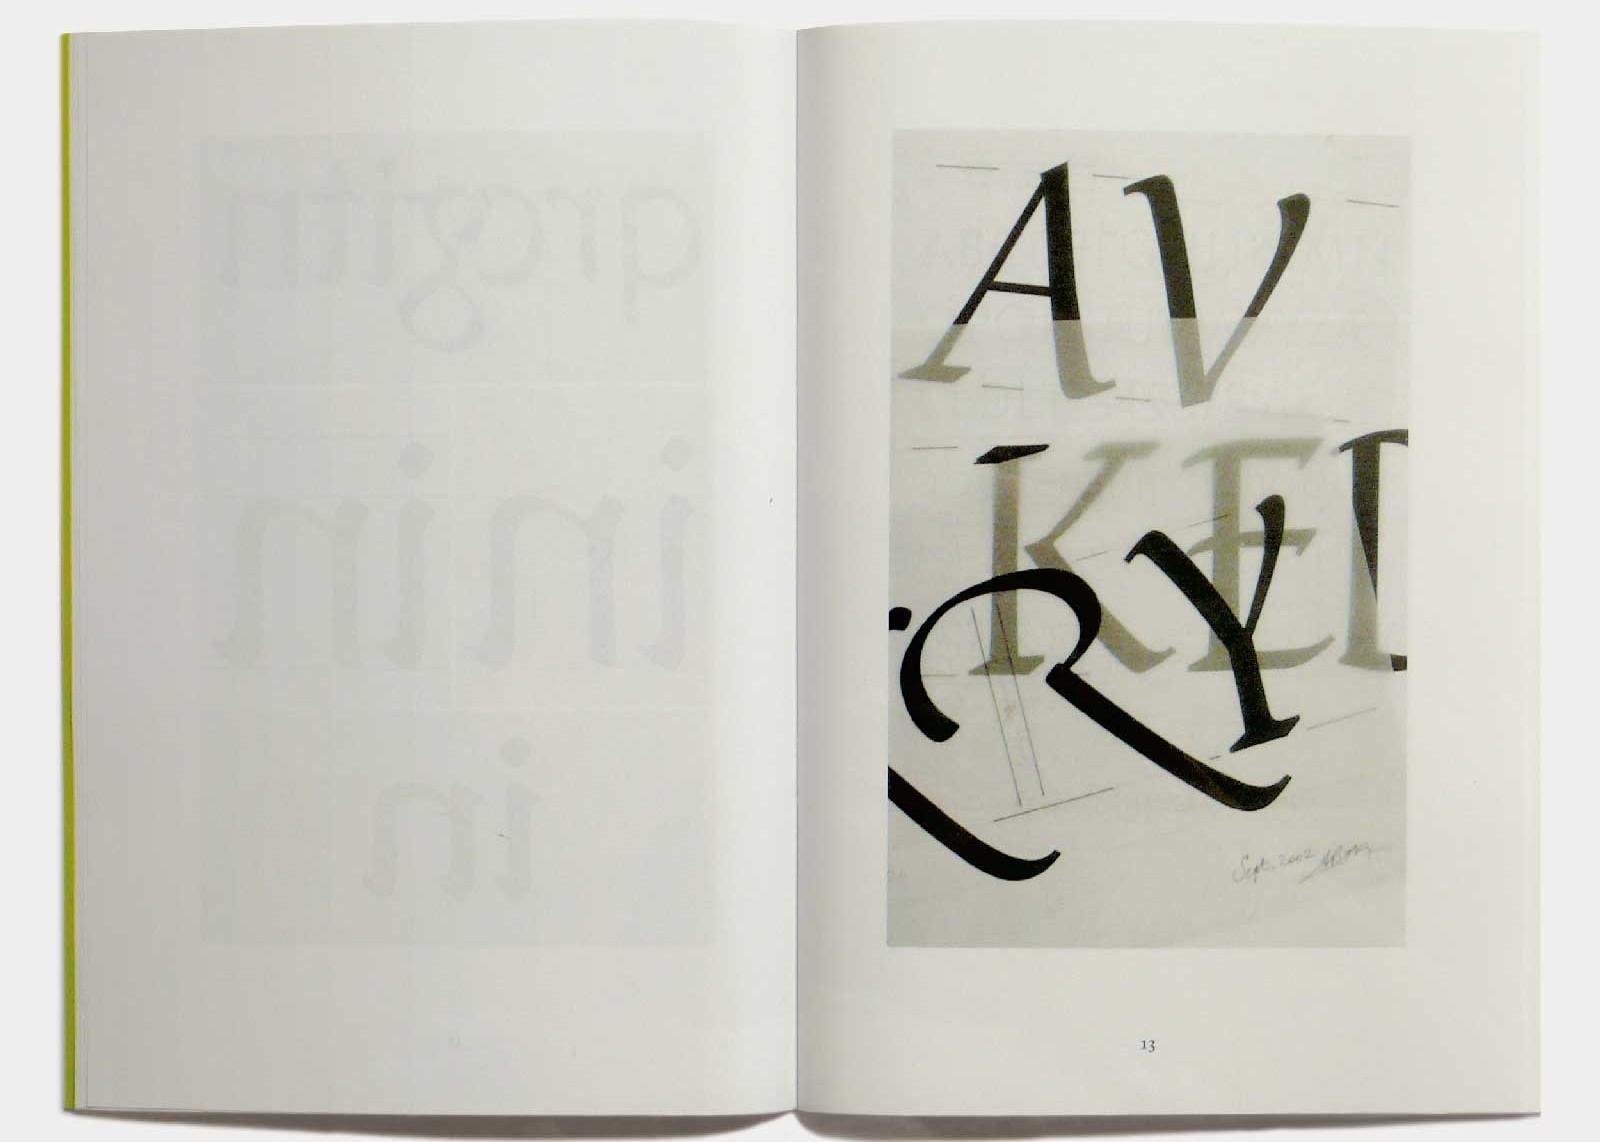 Page 13 — Caractère Praxitel (2001, inédit), dessins originaux sur film Polymat.